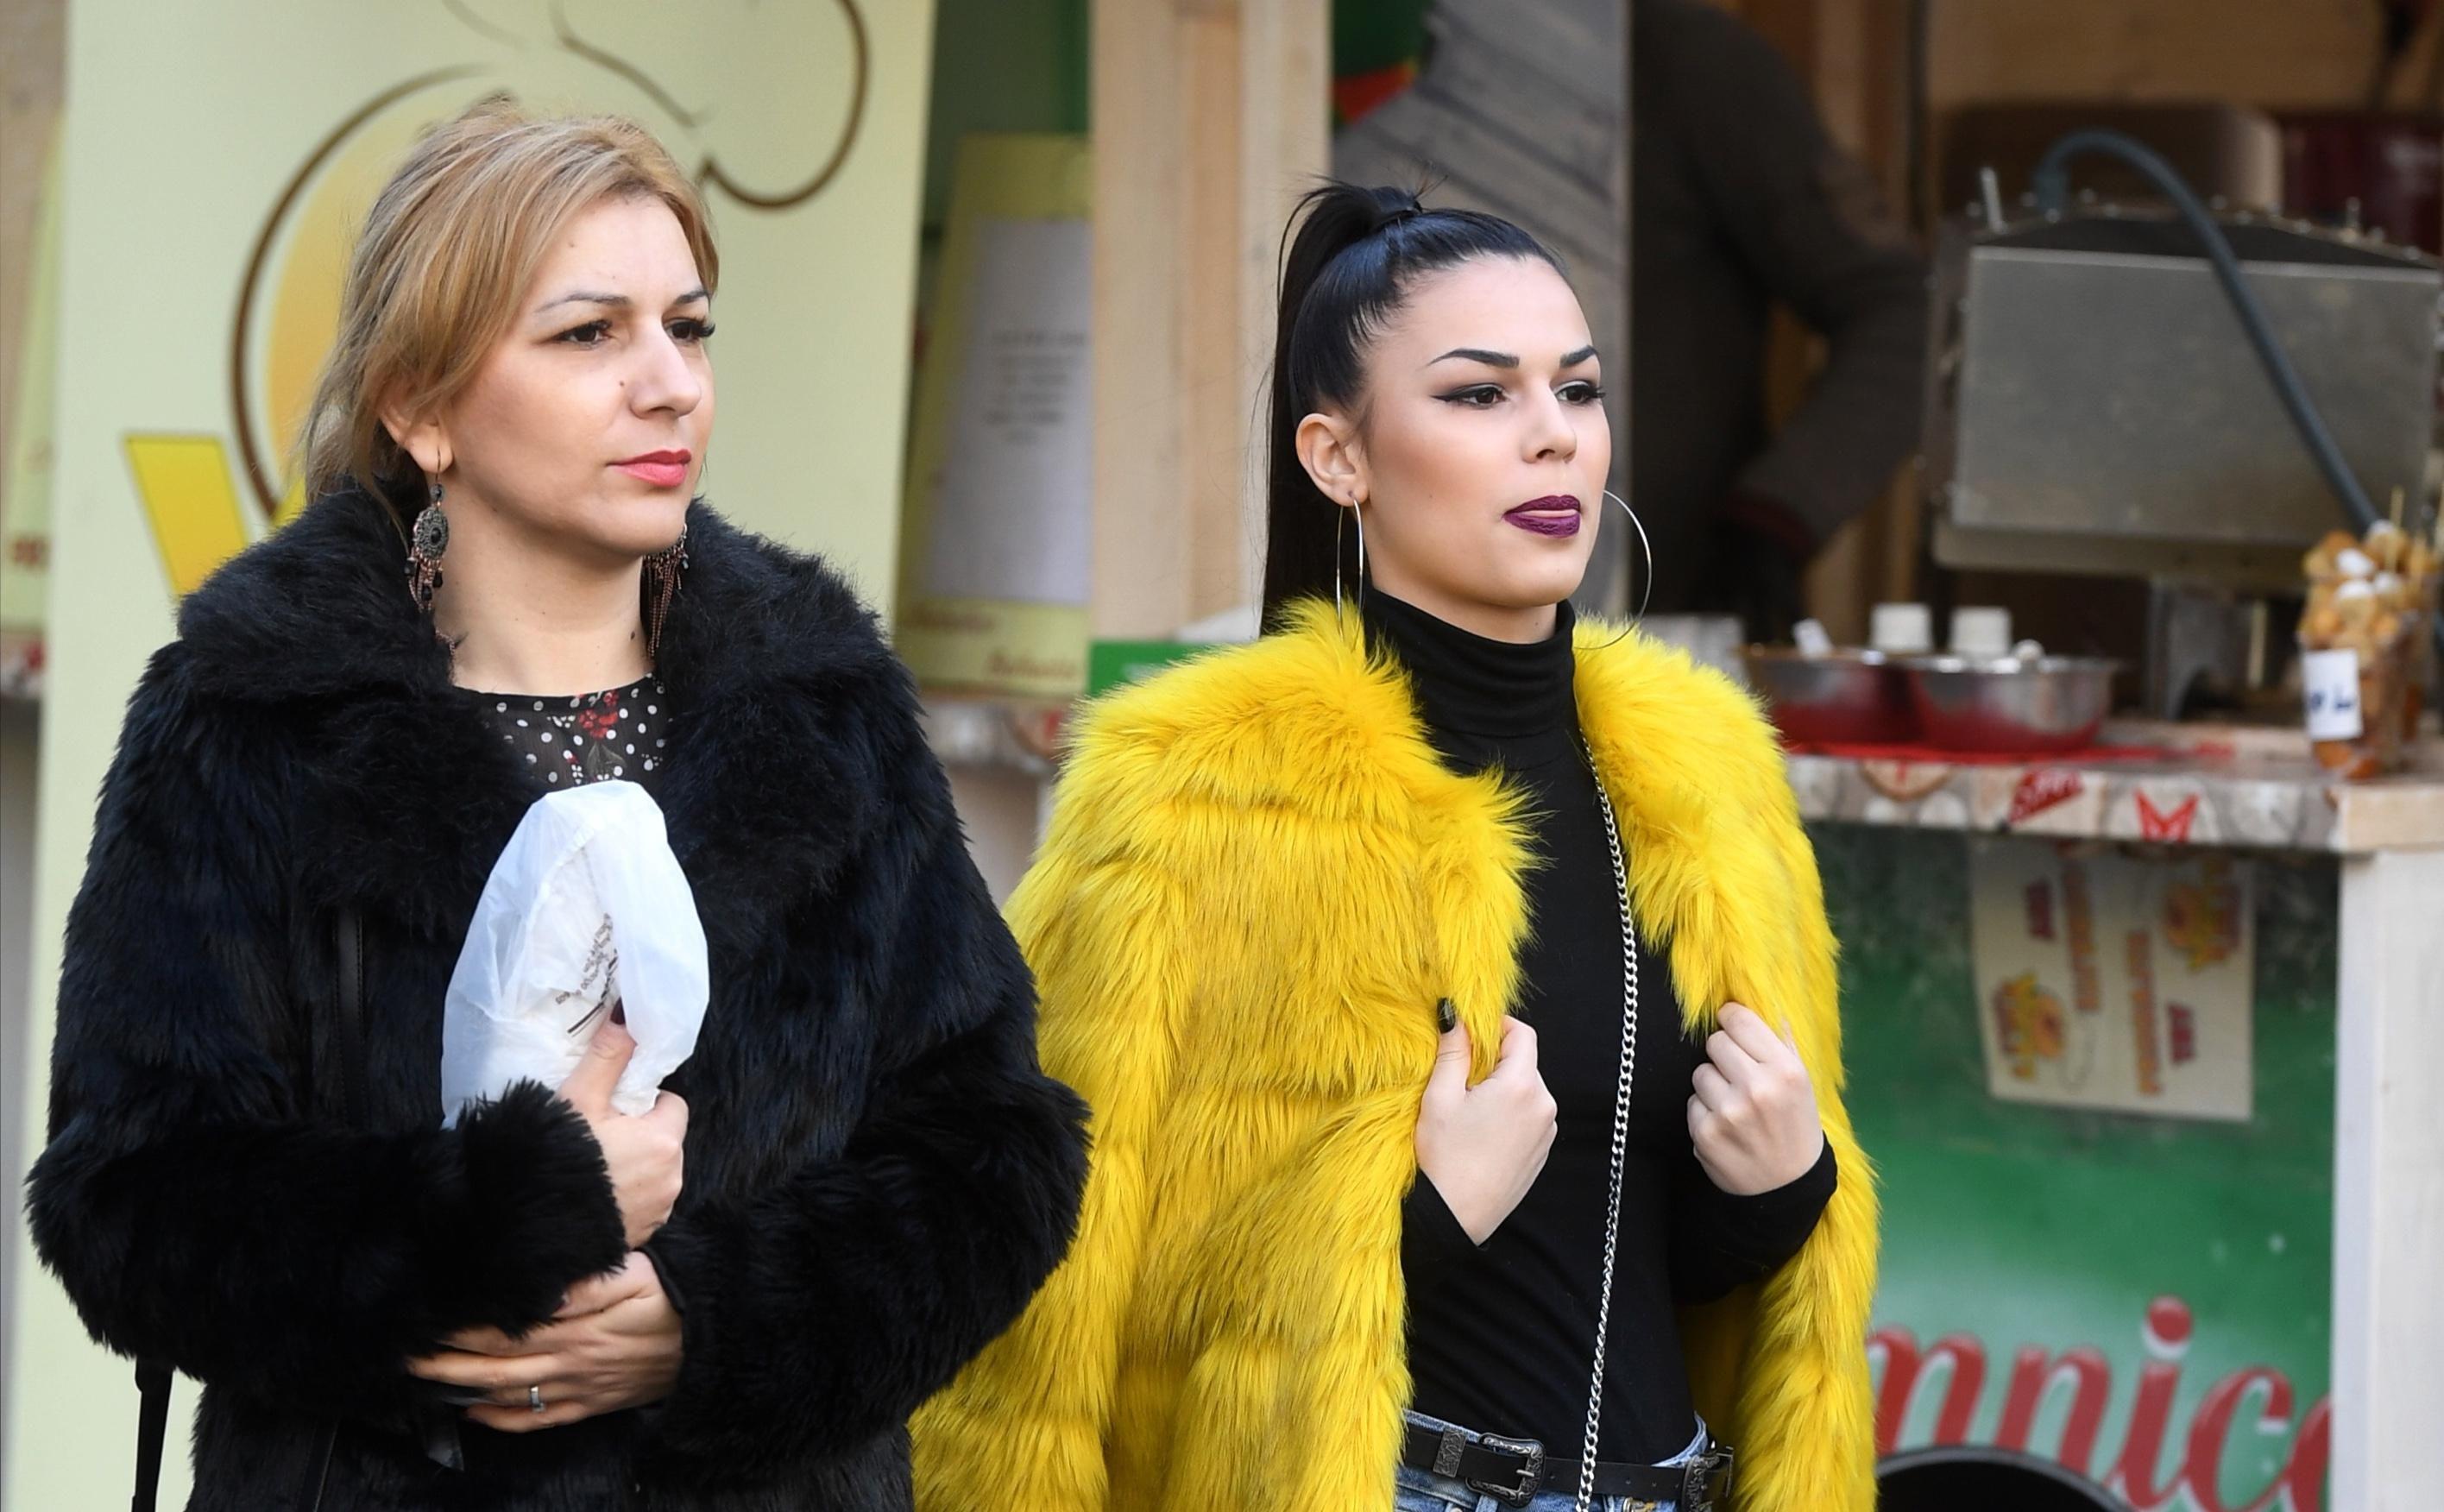 Crna ili žuta bunda: Koji styling vam je bolji?